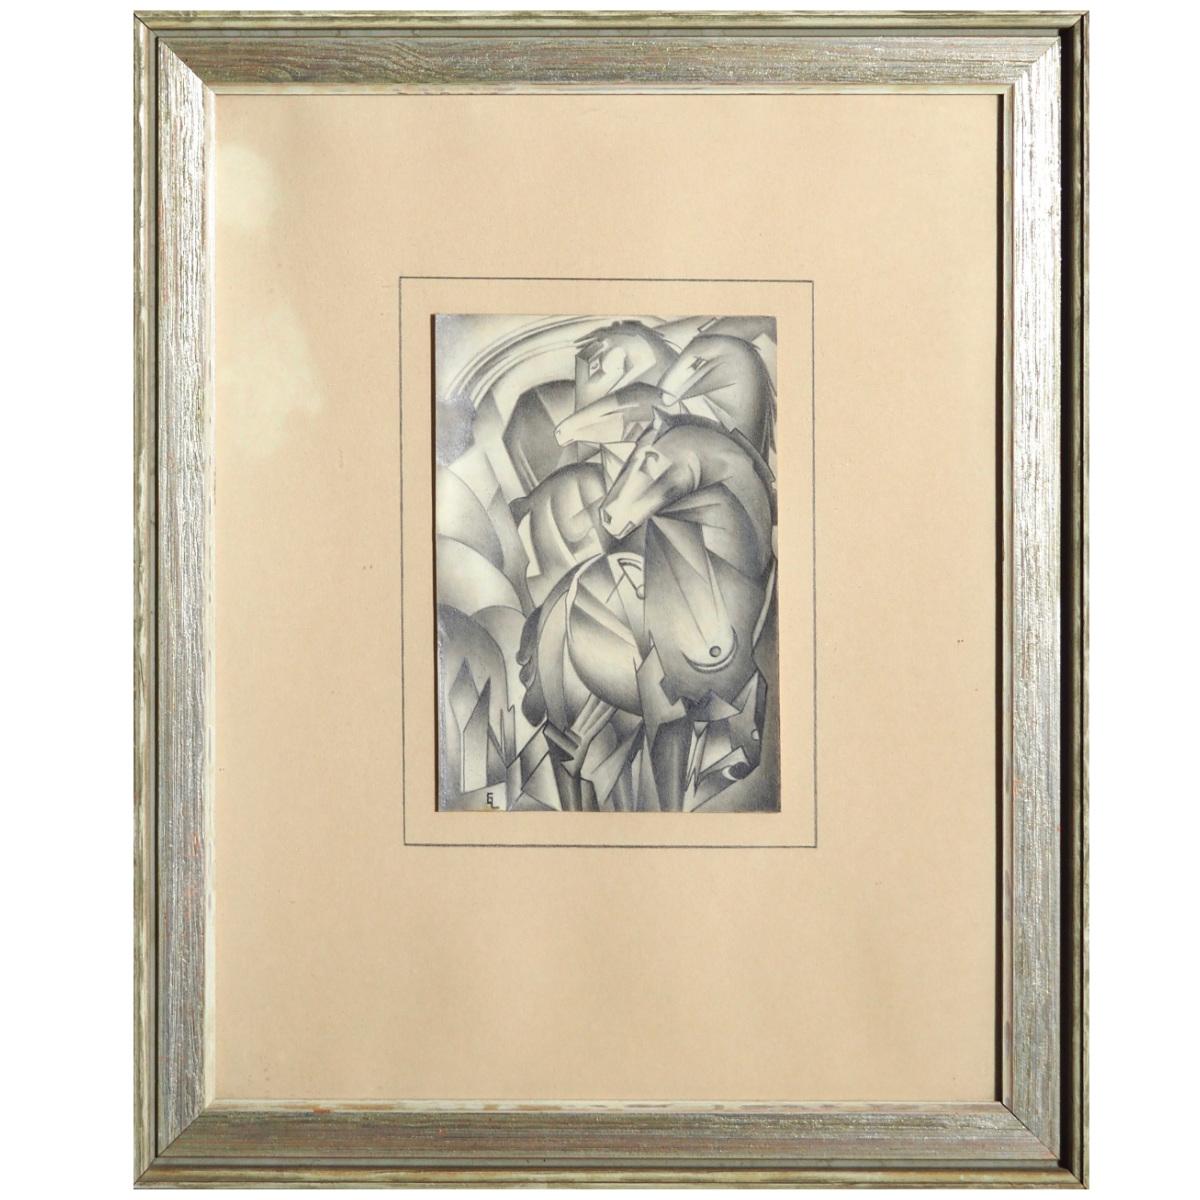 Cubistic drawing, signed FL? EL? - € 500